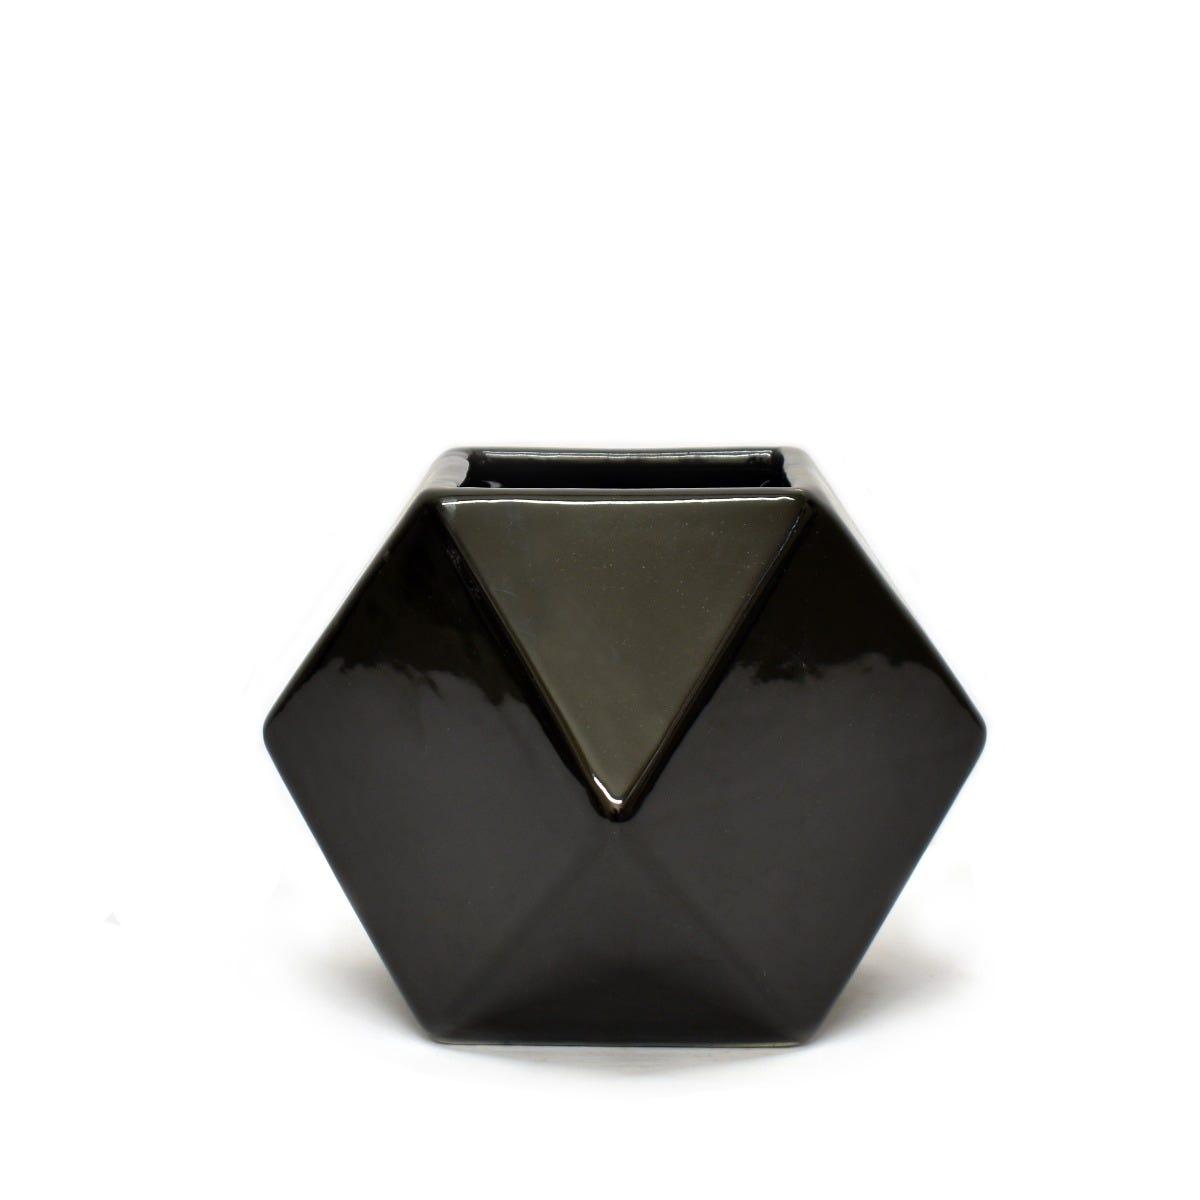 Maceta de cerámica Geométrica en forma de rombo